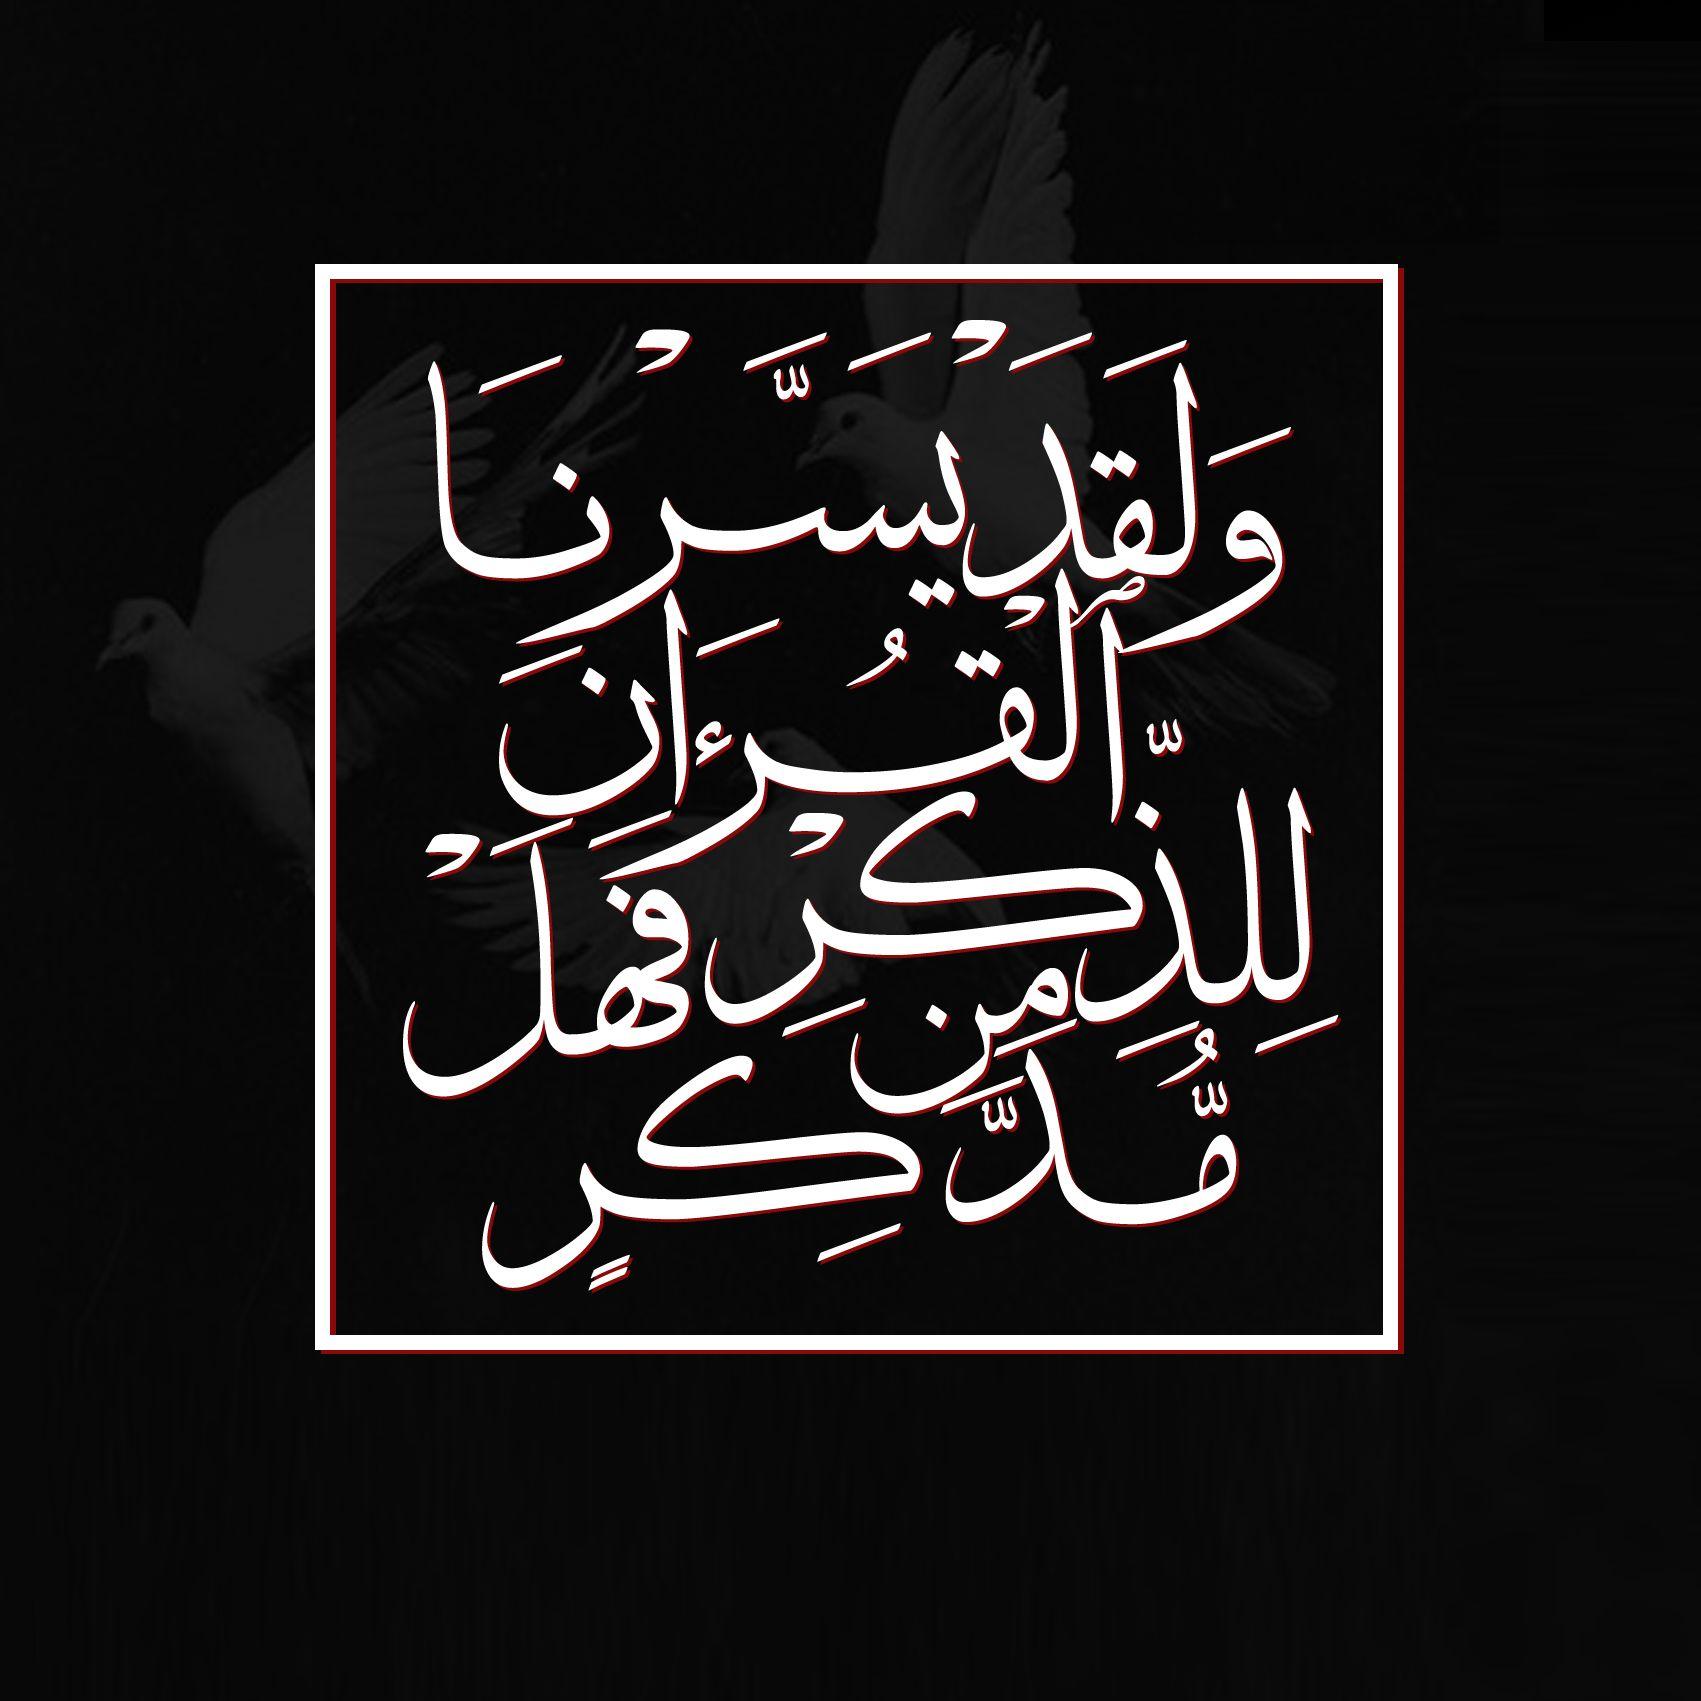 ولقد يسرنا القرءان للذكر فهل من مدكر قران ذكر ايات المصحف رمضان Quran Ayat Holy Quran Ramadan Ramadan Arabic Calligraphy Calligraphy